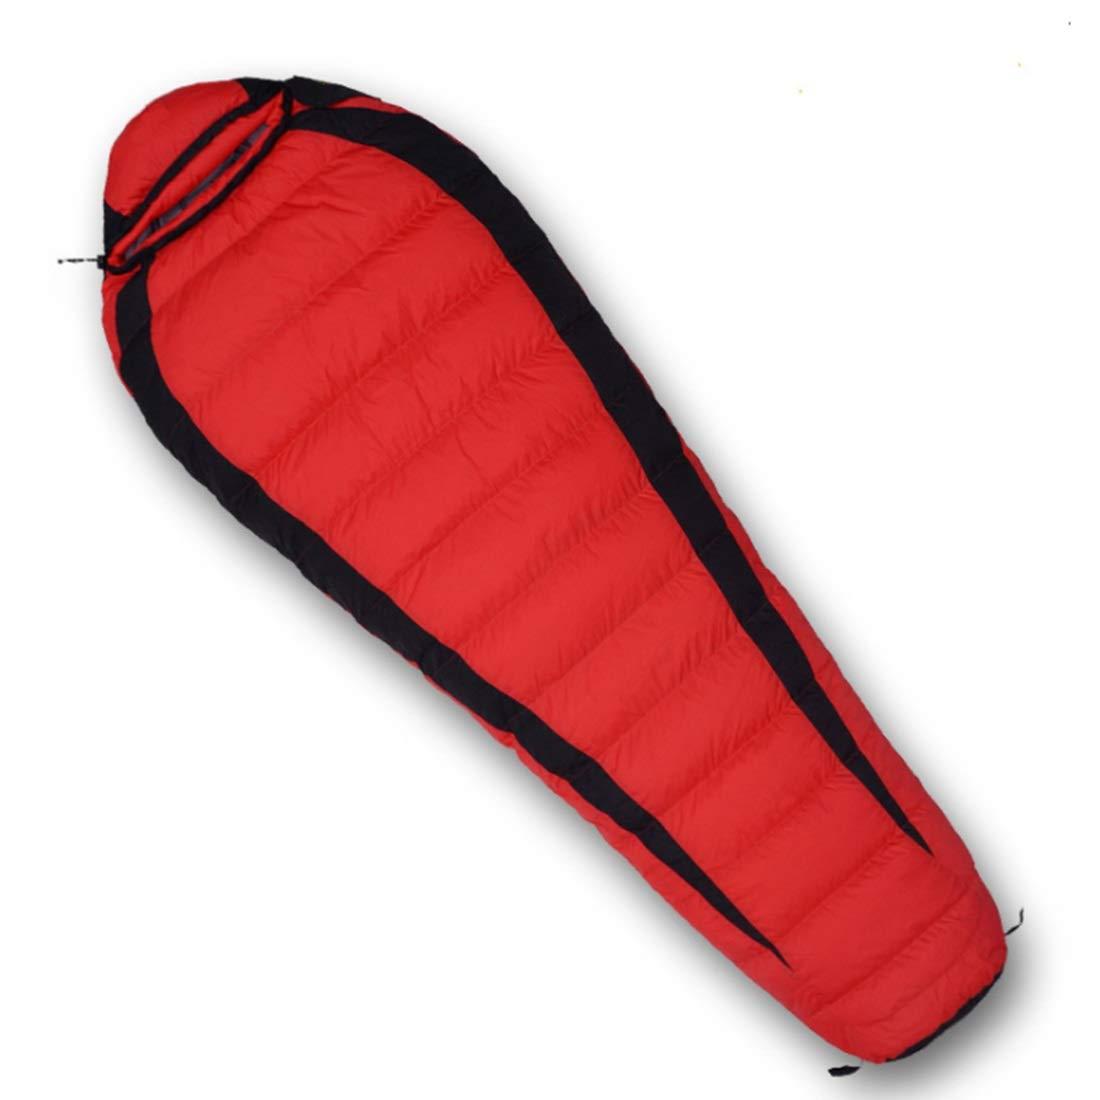 Xasclnis Sac de Couchage pour Adulte idéal pour Voyager, matériel de Camping de randonnée (Couleur   rouge, Taille   1000g) rouge 1000g